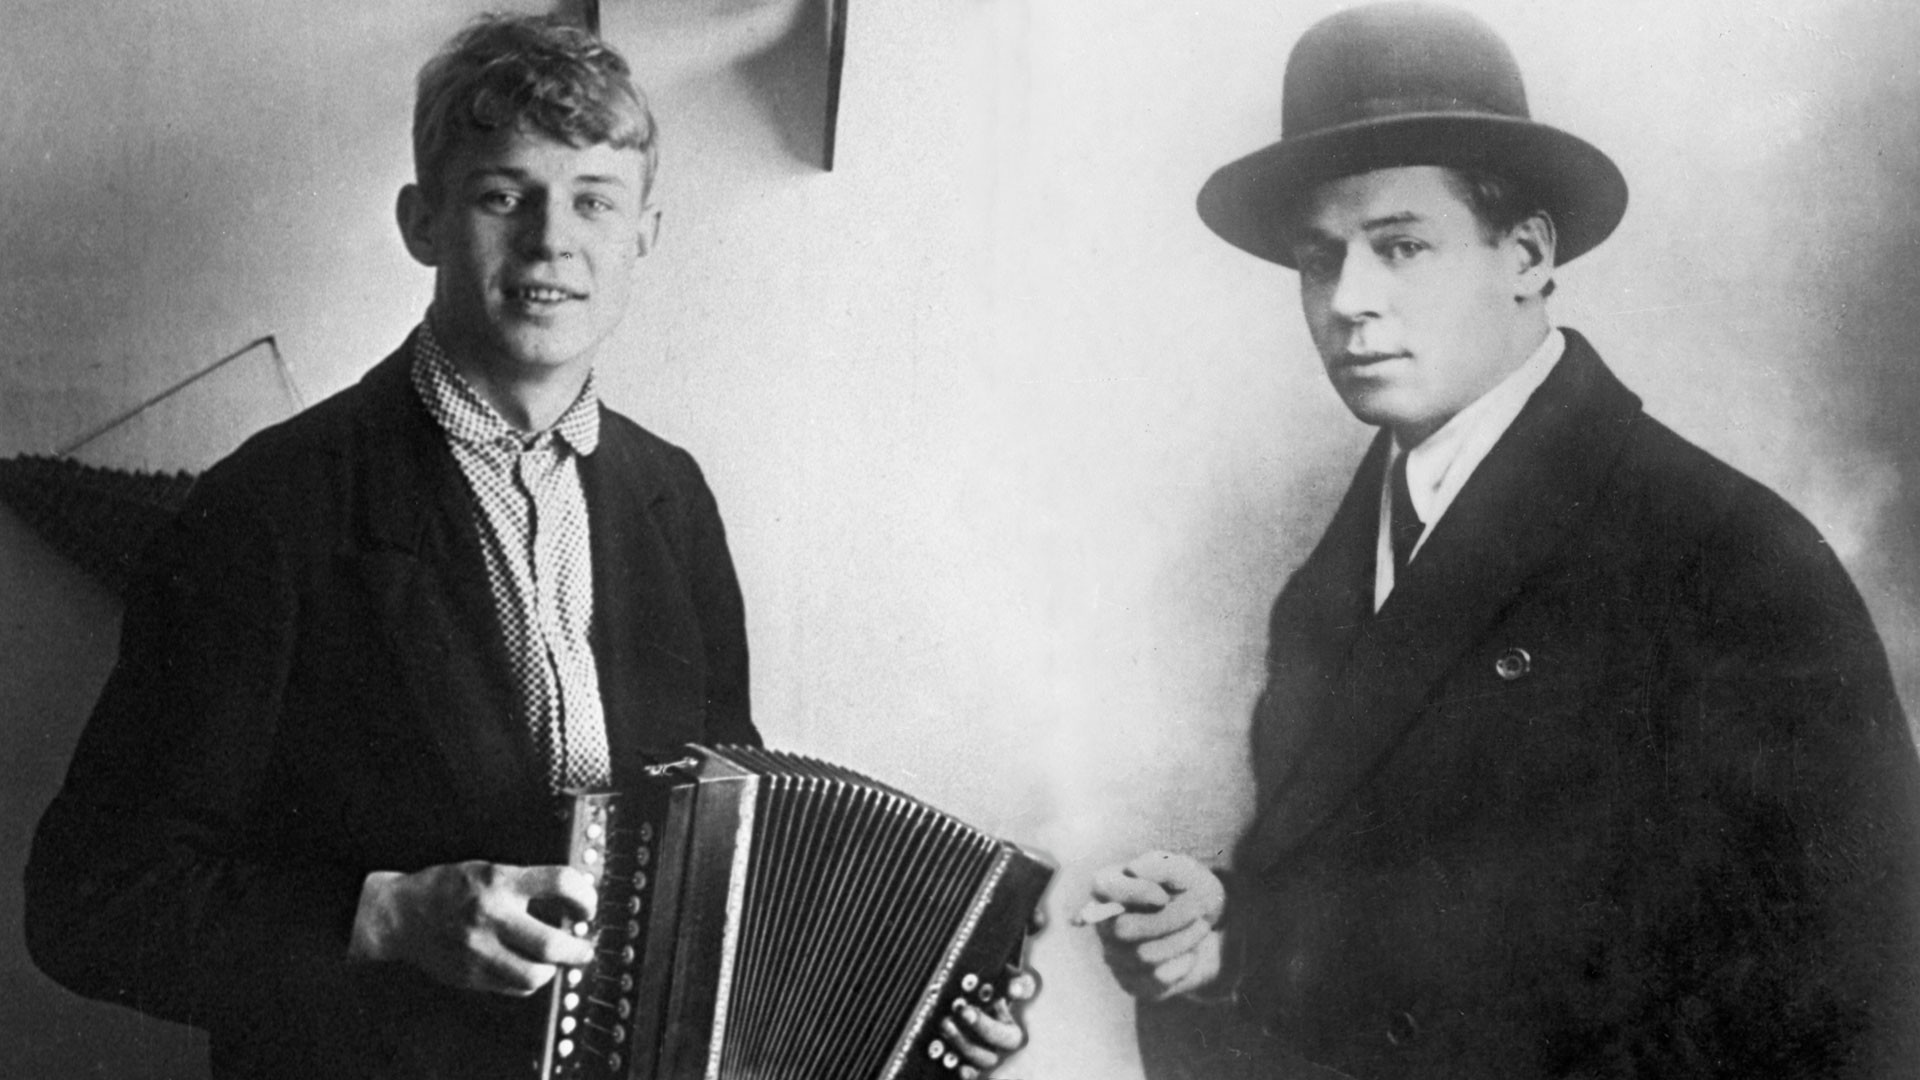 Sergei Yesenin in 1916 (left) and in 1924